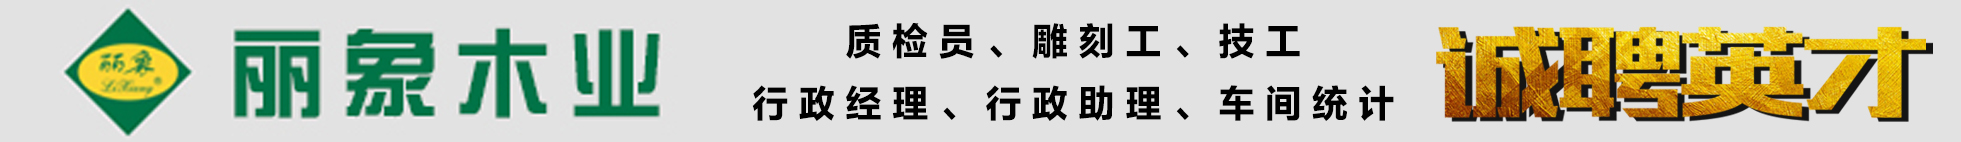 山东丽象木业有限公司